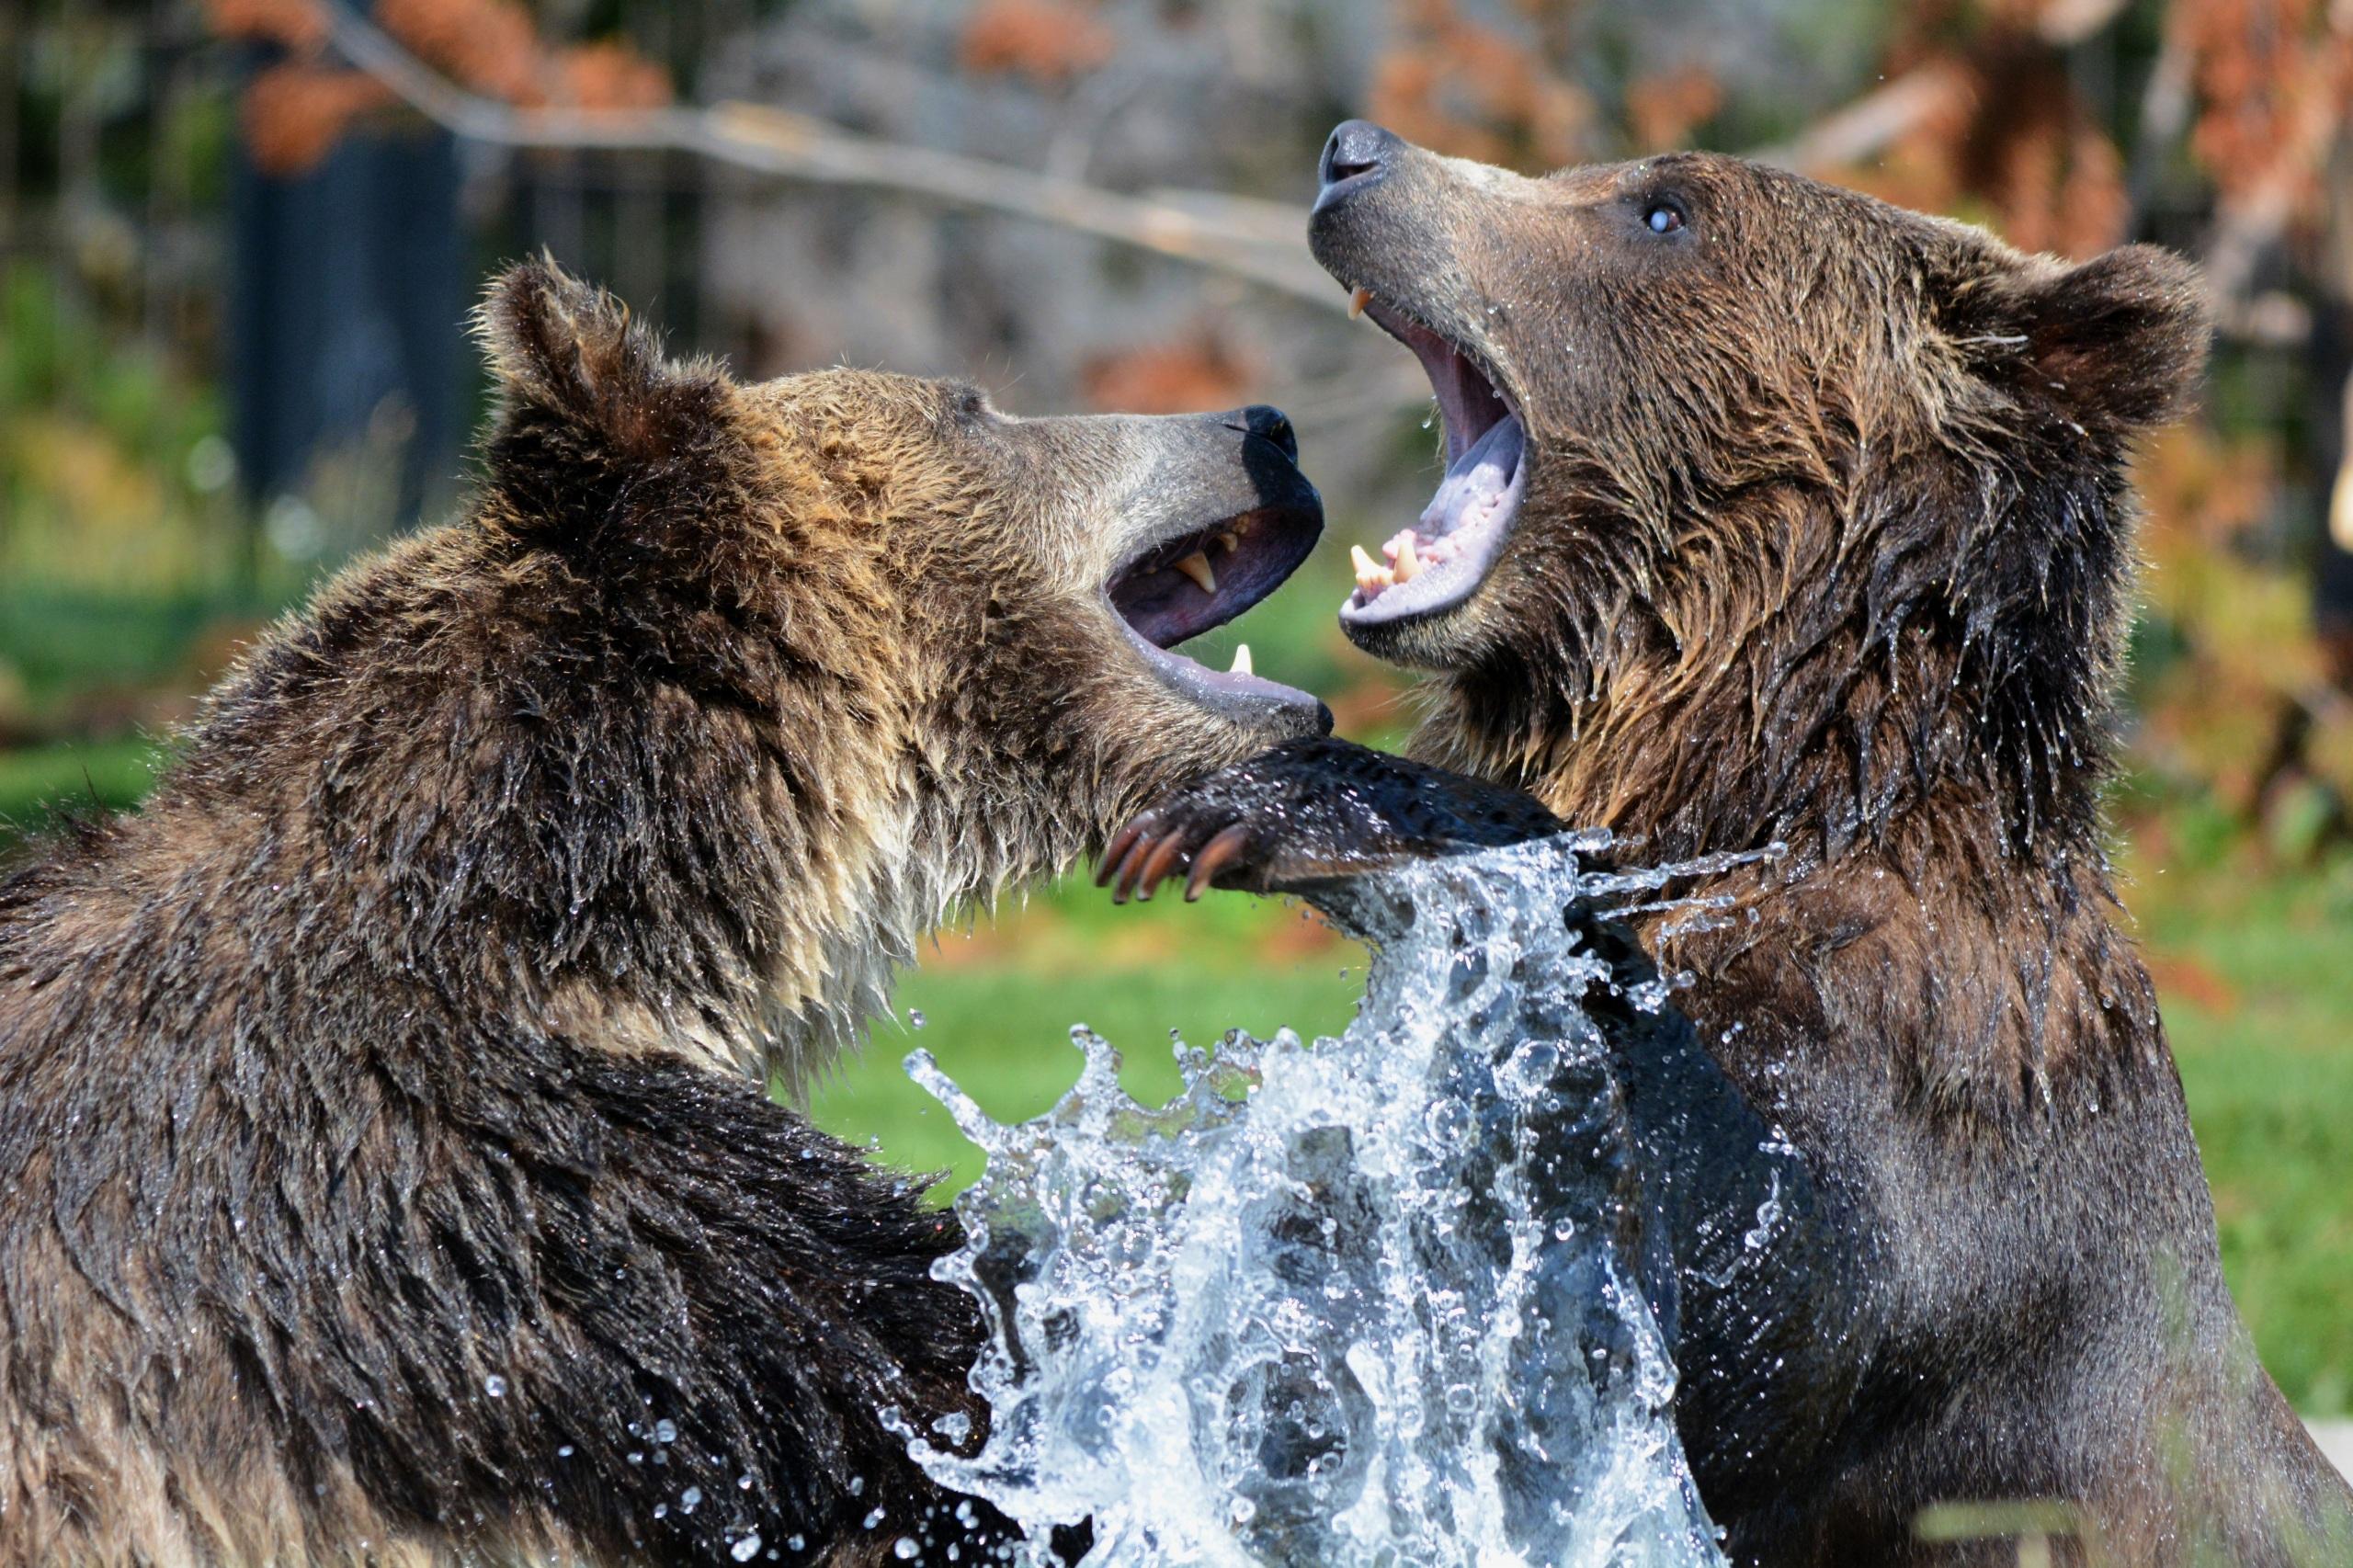 Bilder von Braunbär Bären Zwei Schlägerei spritzwasser Tiere Großansicht 2560x1706 2 Wasser spritzt ein Tier